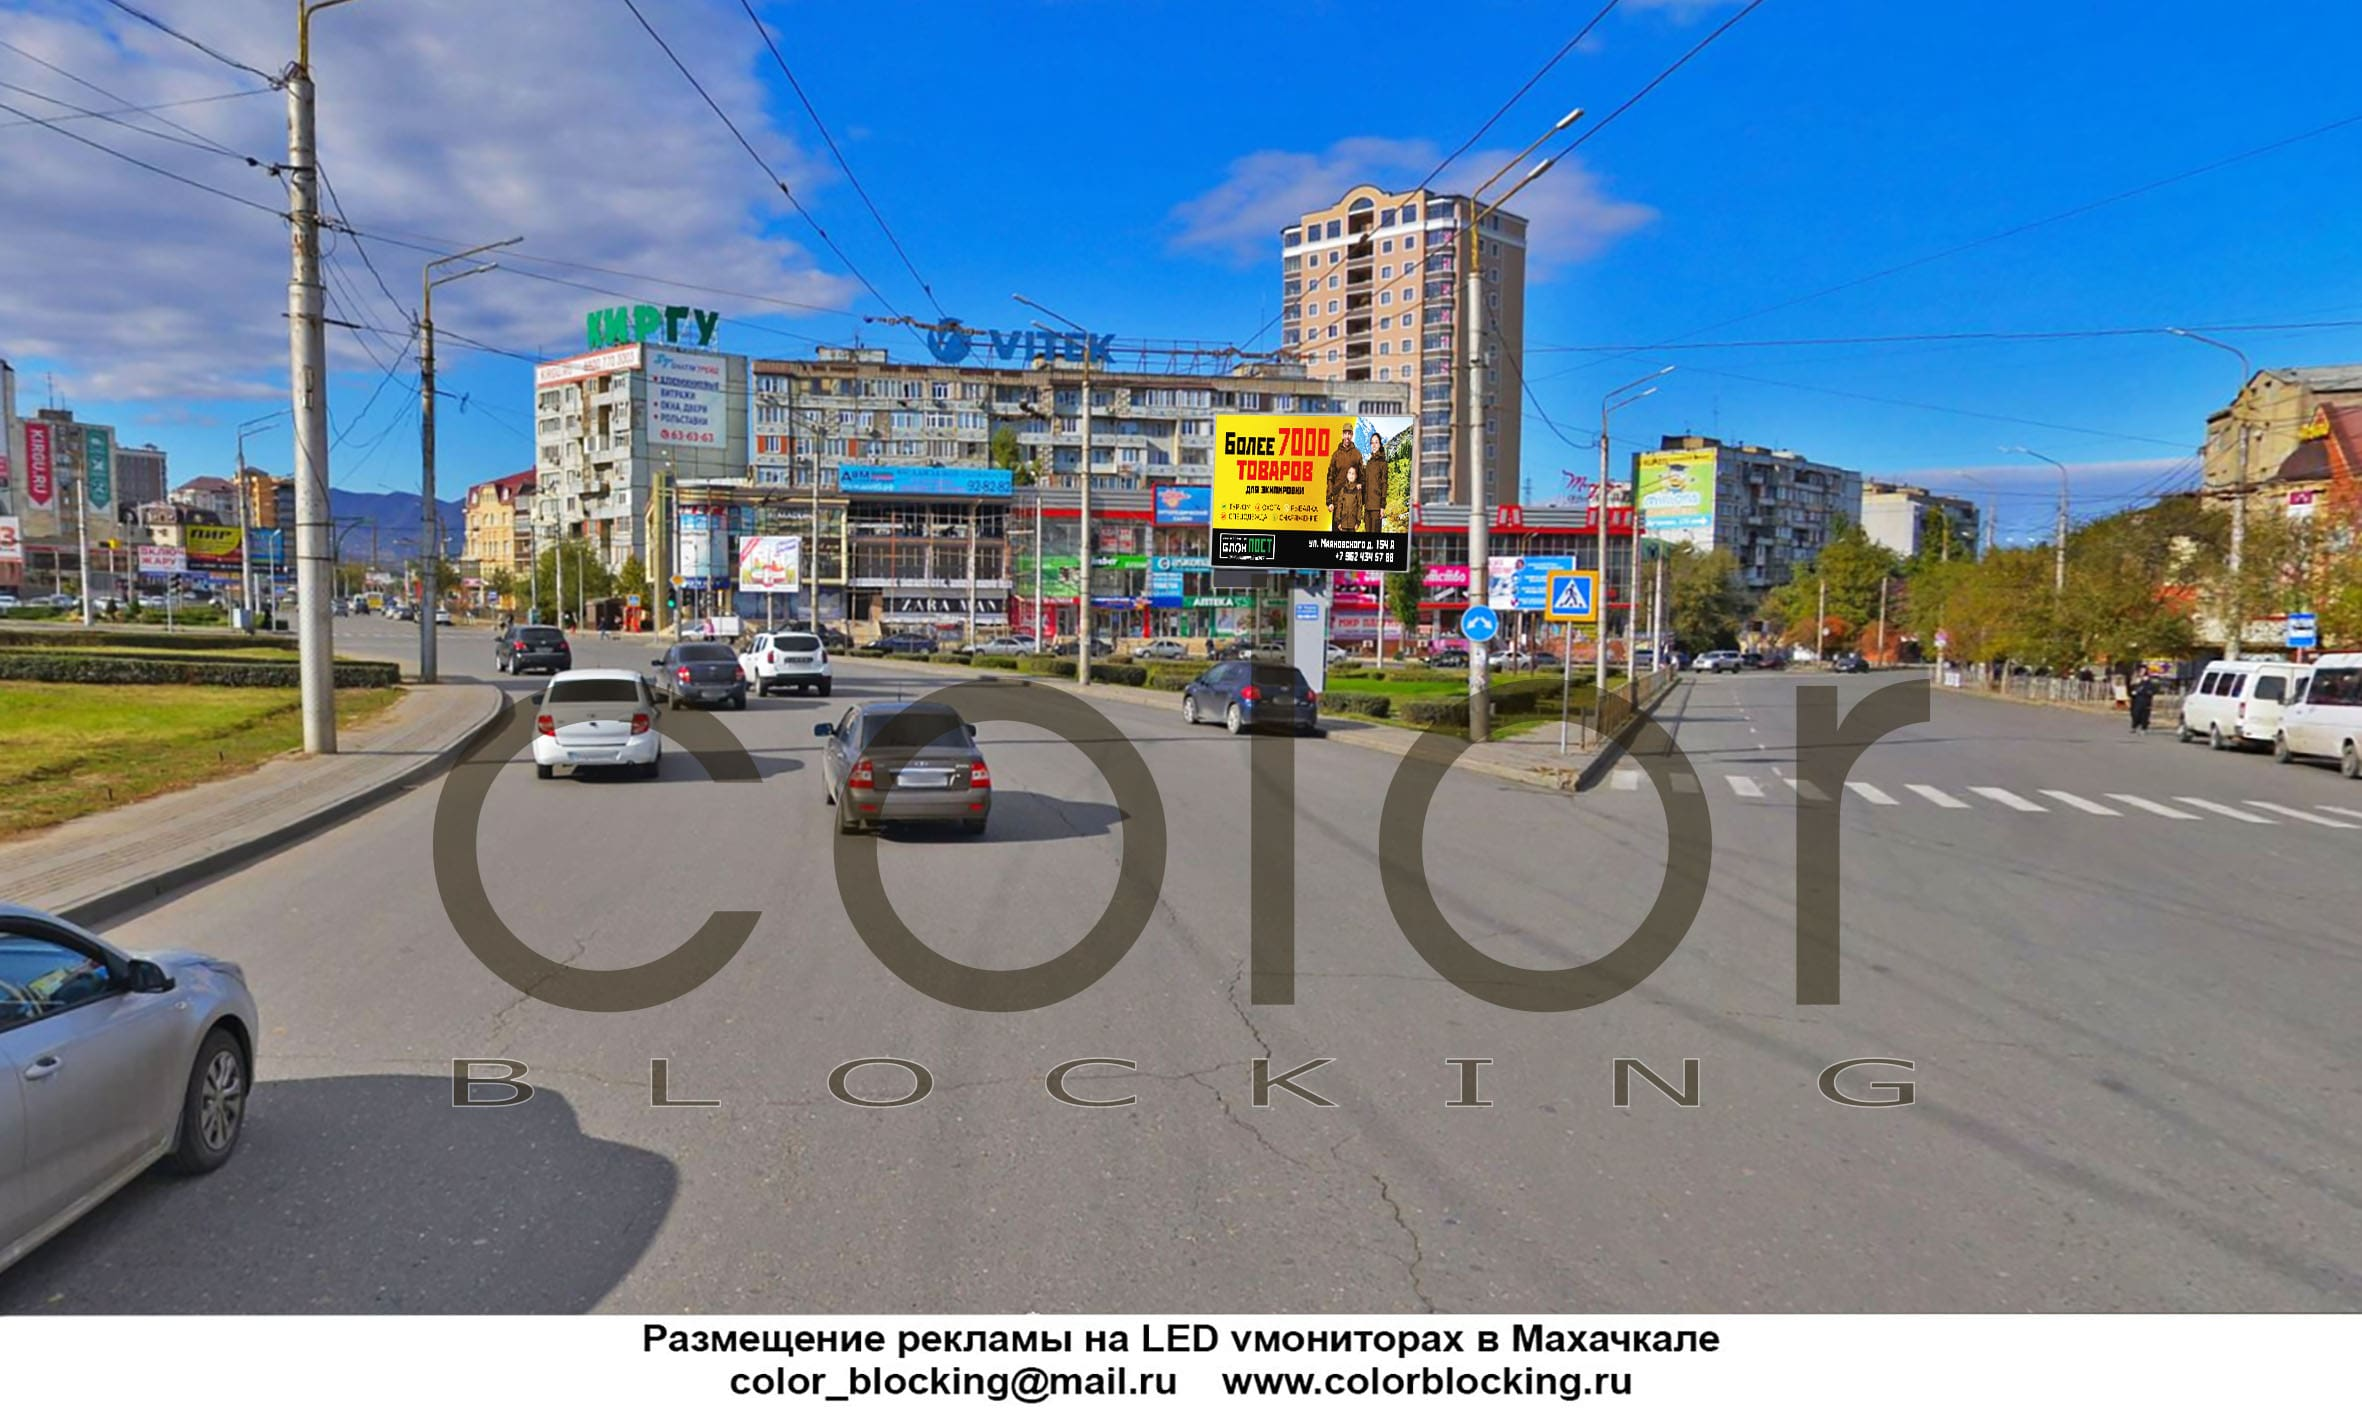 Размещение рекламы на светодиодных экранах в Махачкале Акшинского